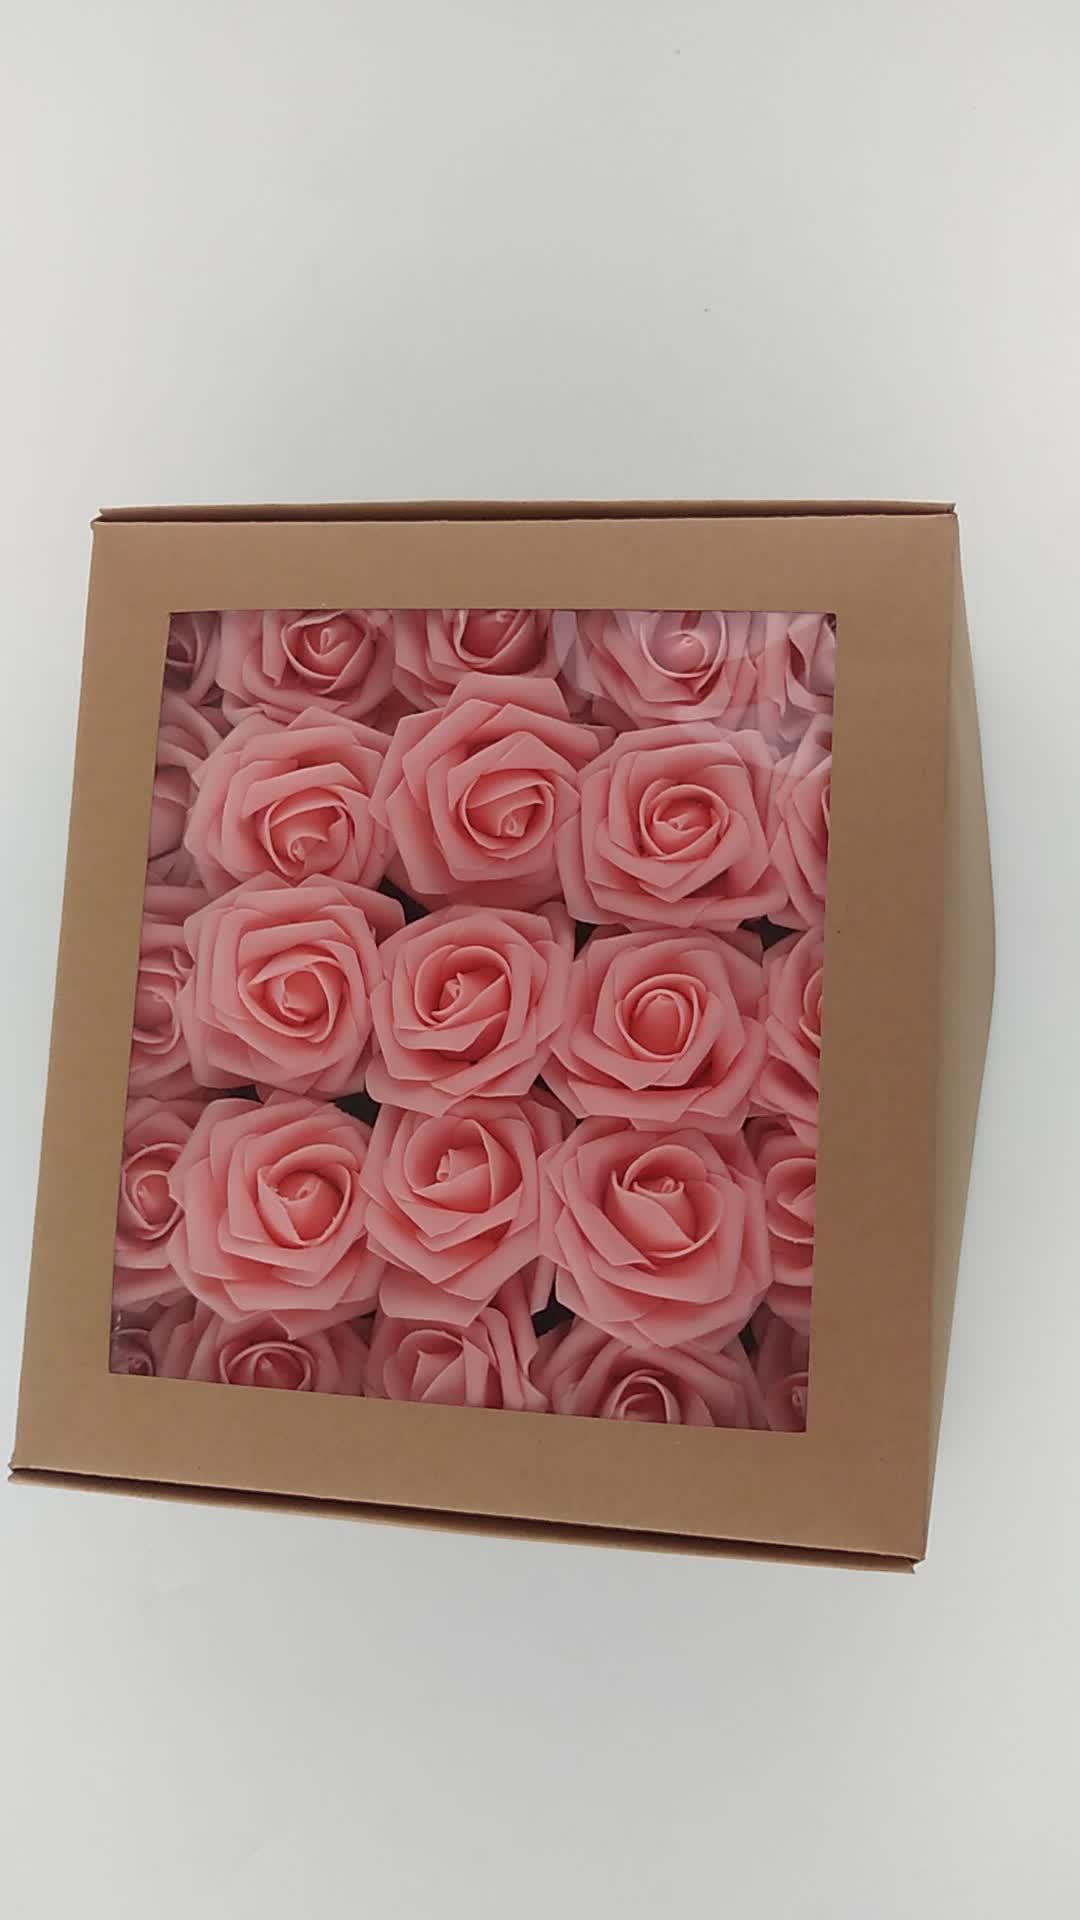 """3 """"LaTeX Busa Rose Bunga Diy Berciuman Bola Pusat Pernikahan Pihak Dekorasi Hadiah Grosir 52187"""